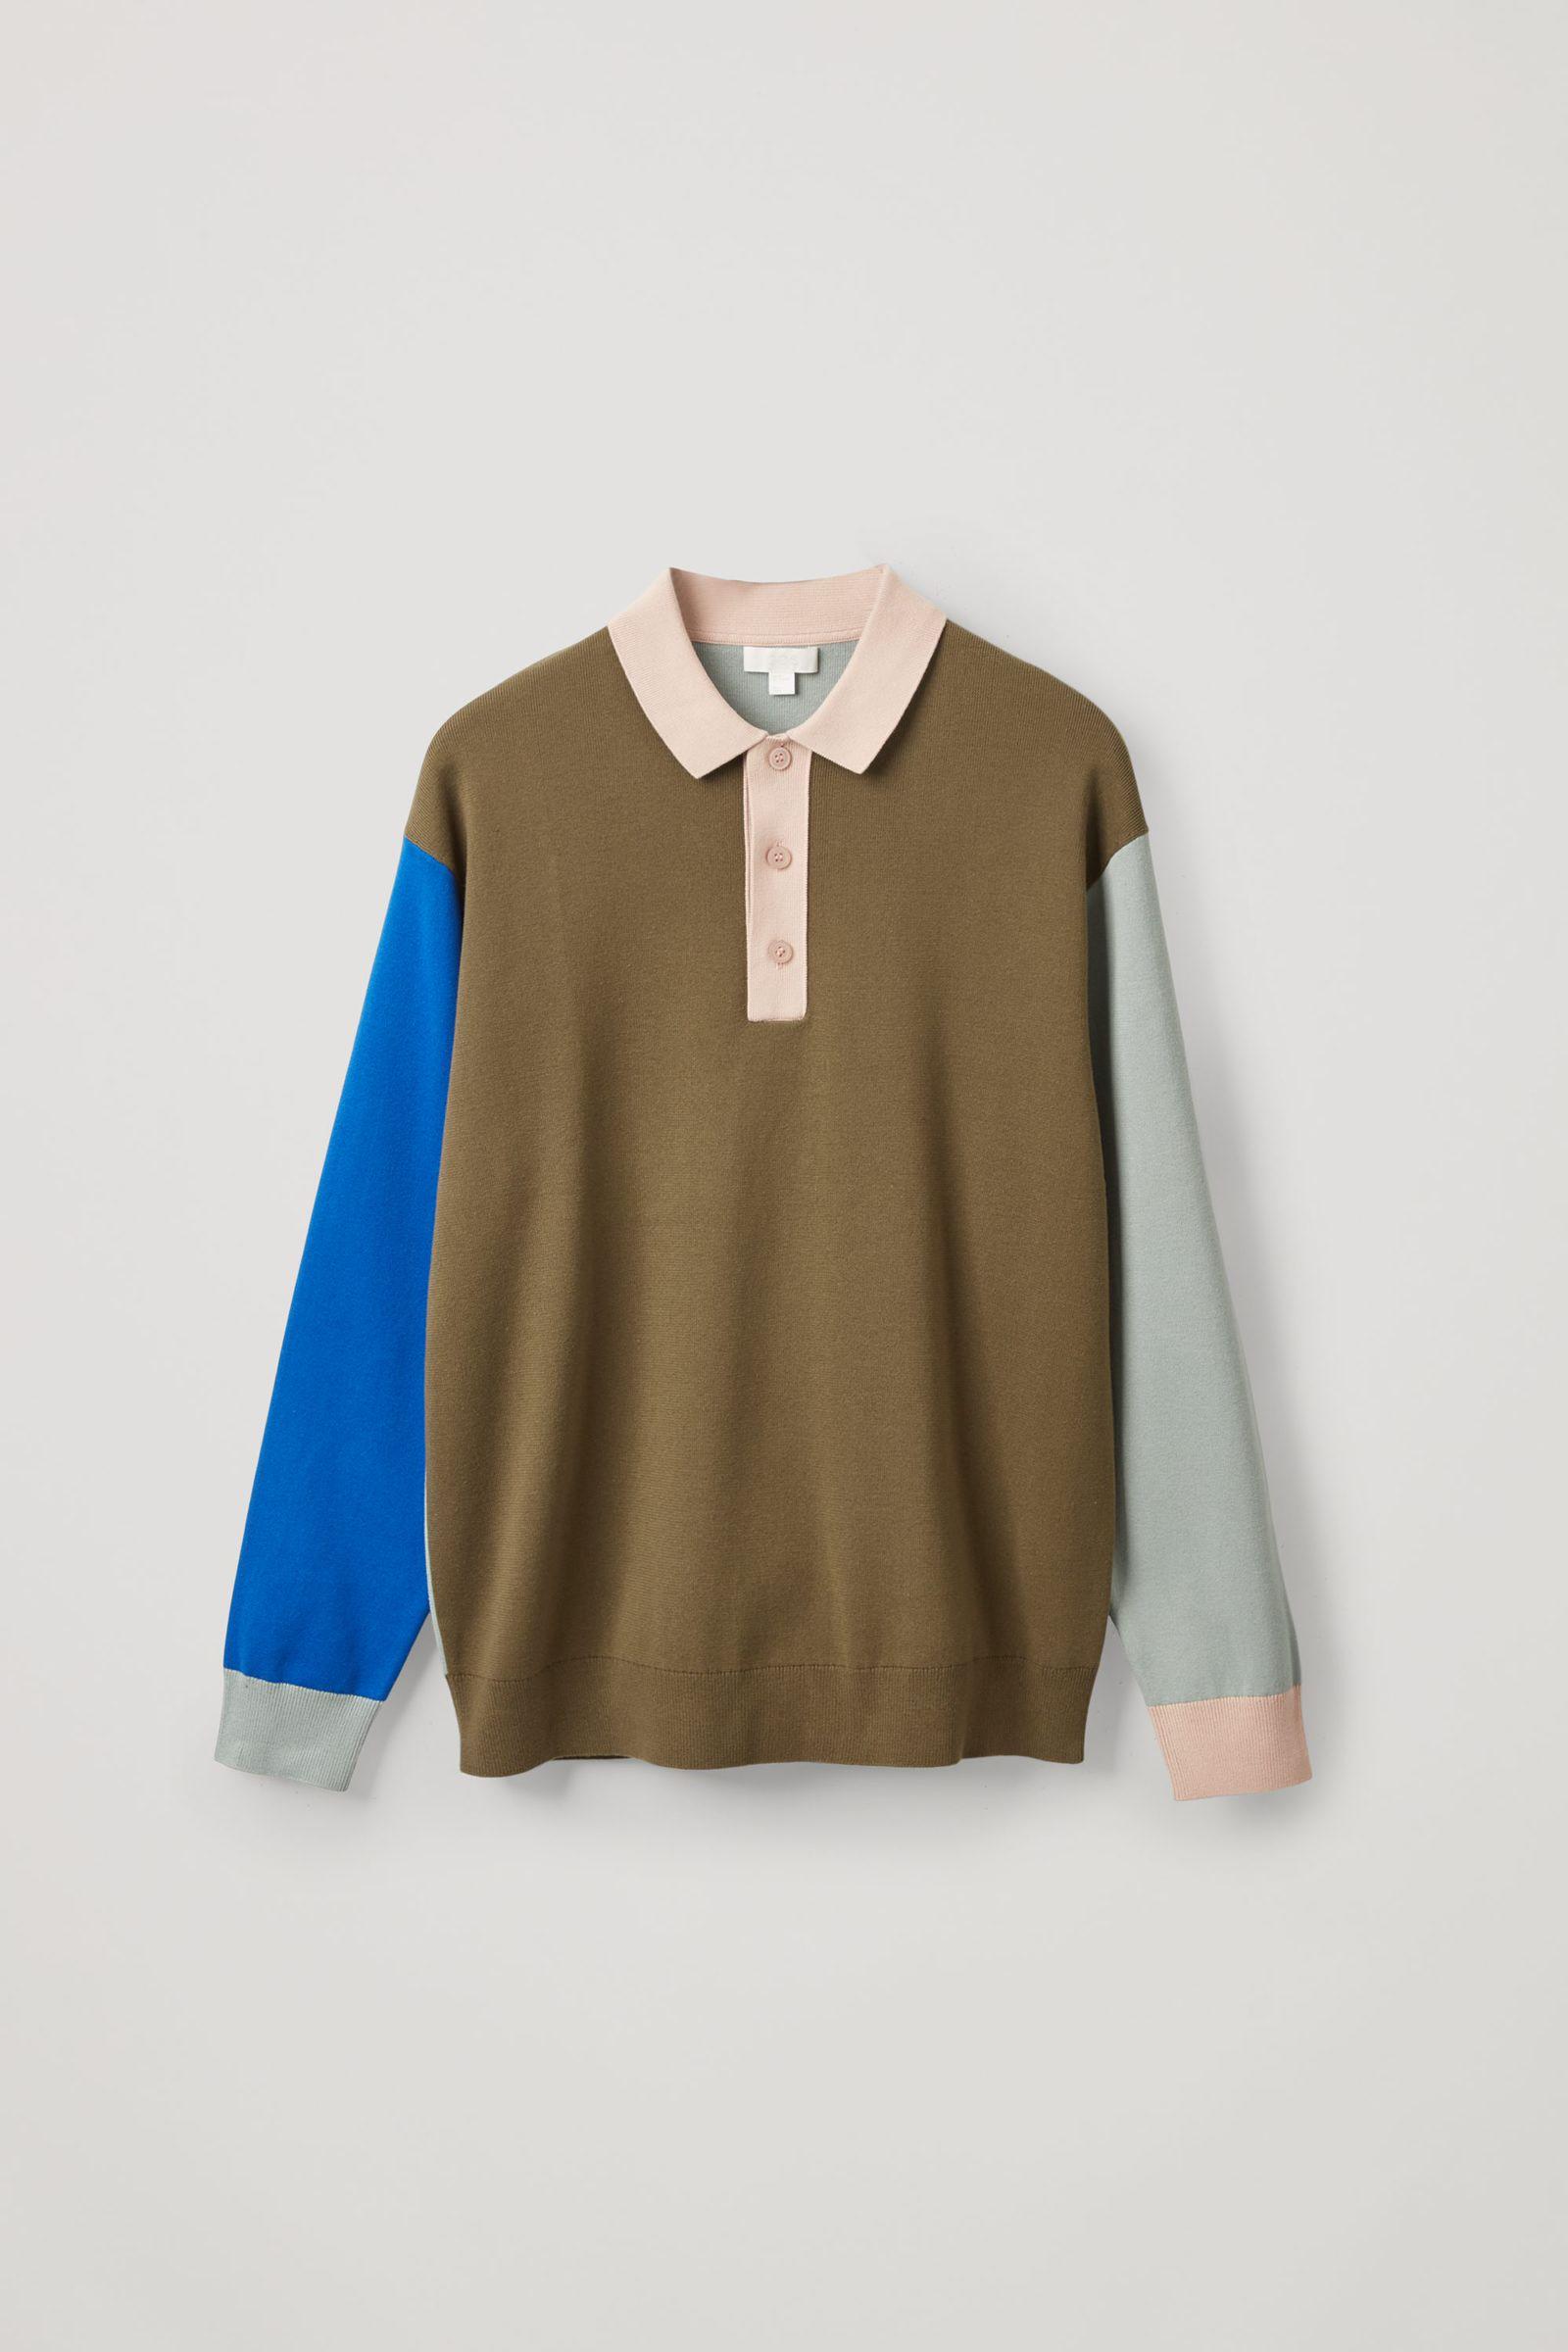 COS 니티드 롱 슬리브 폴로 셔츠의 그린컬러 Product입니다.